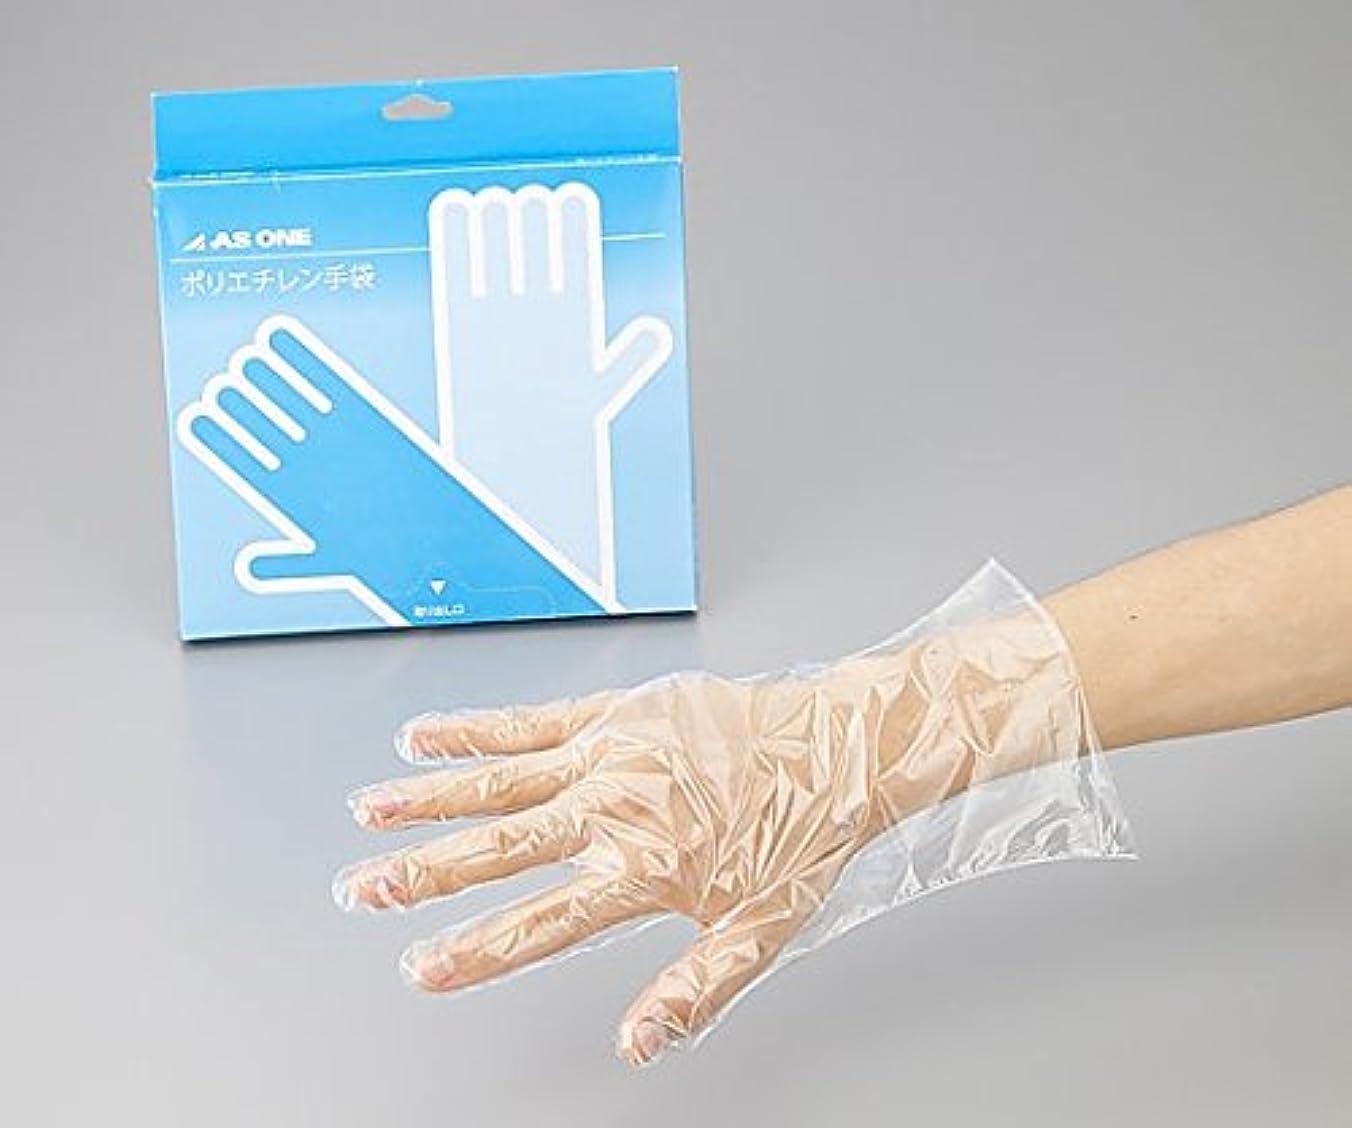 余計ななすスクランブルアズワン2-4973-01ポリエチレン手袋スタンダード標準厚L100枚入